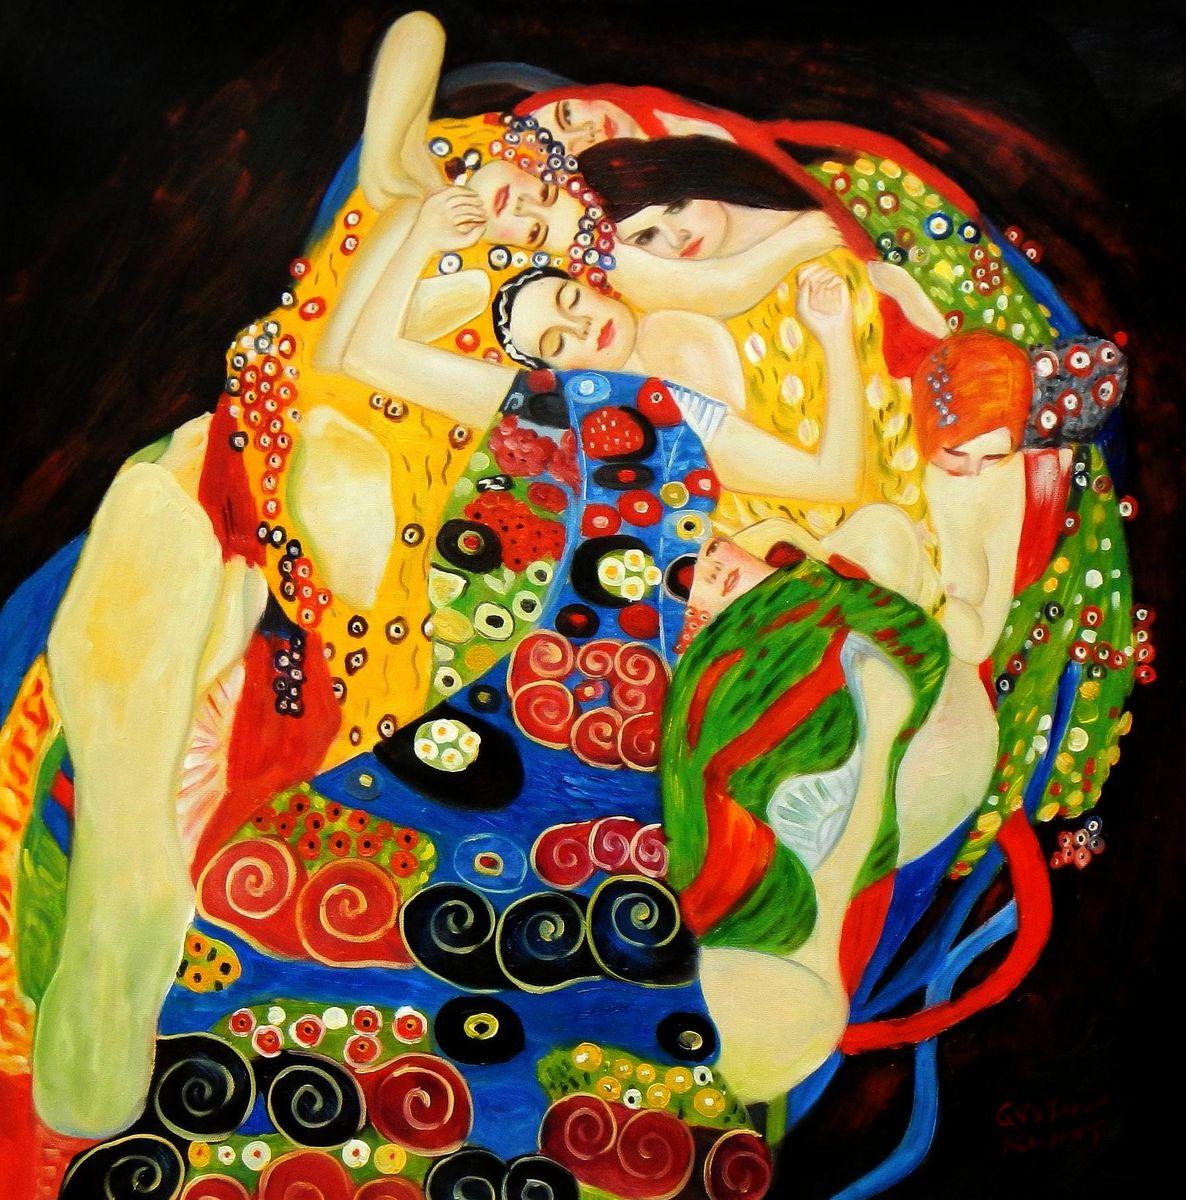 Gustav Klimt - Jungfrauen e93416 60x60cm Jugendstil Ölgemälde handgemalt